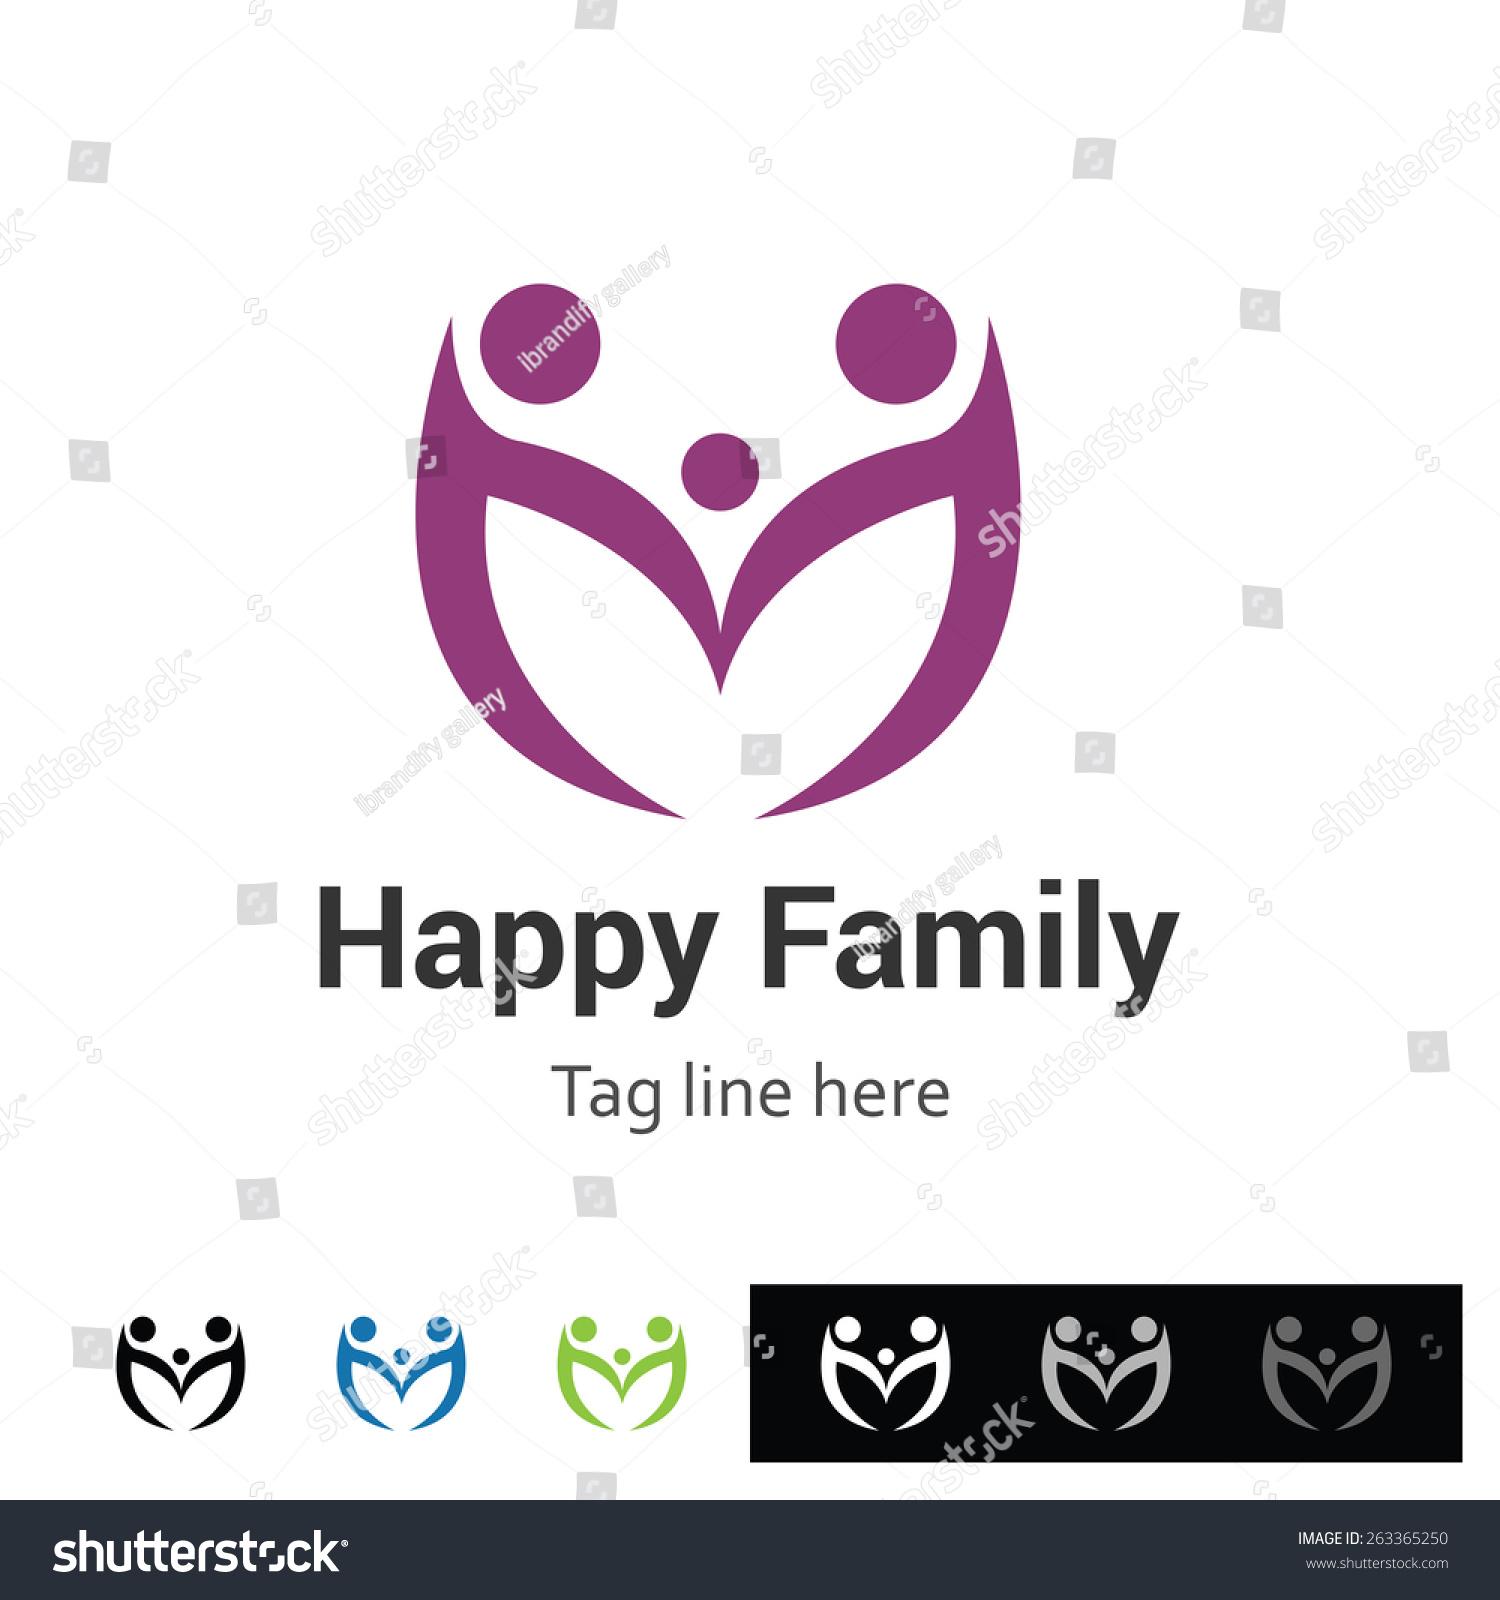 happy family logo group logo creative stock vector royalty free